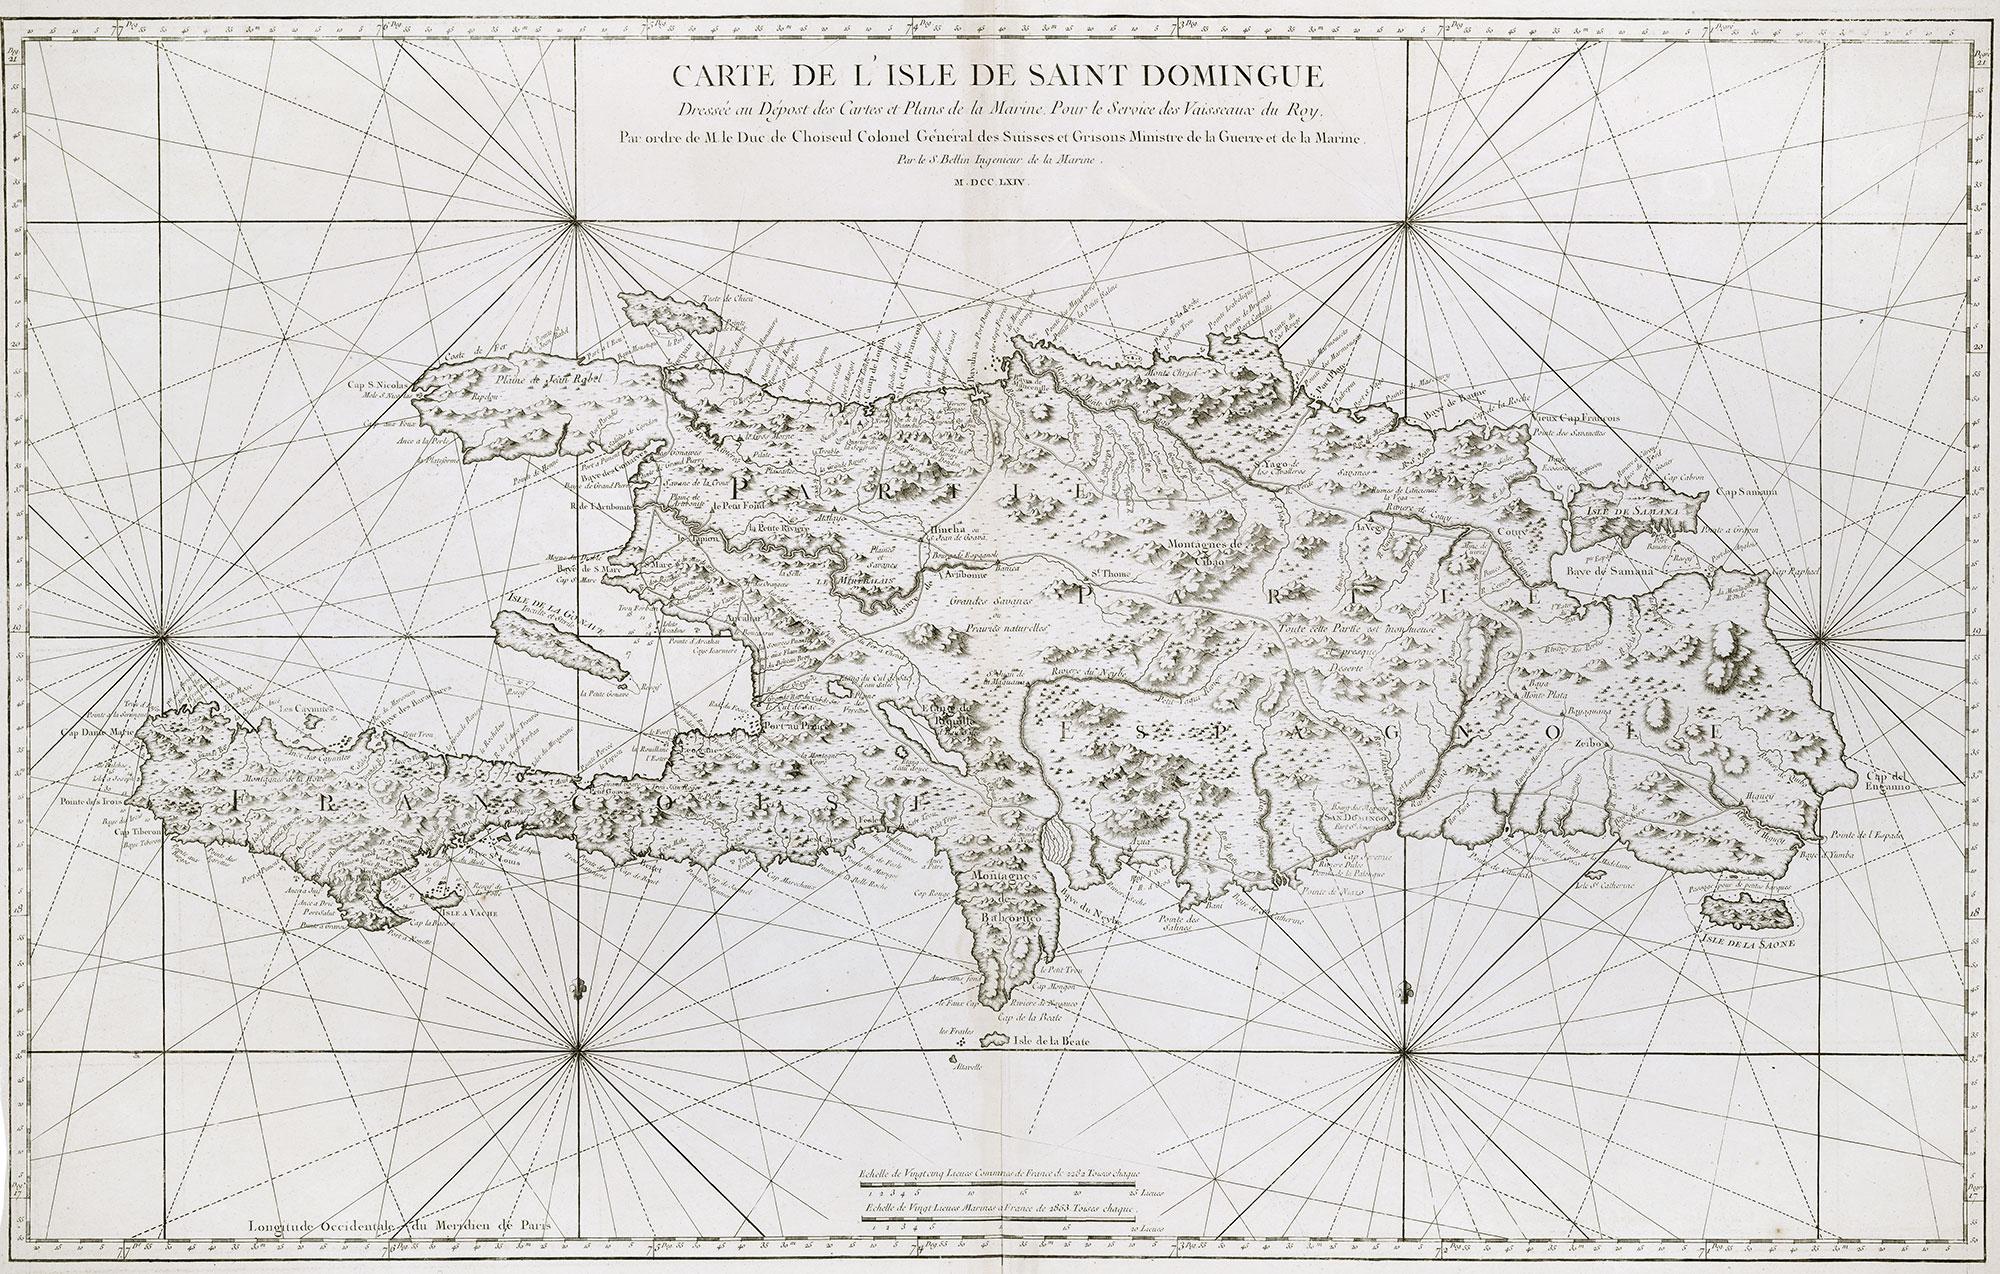 Carte de l'Isle de Saint Domingue, dréssée au dépot de cartes et plans de la marine, pour le service des vaisseaux du roy